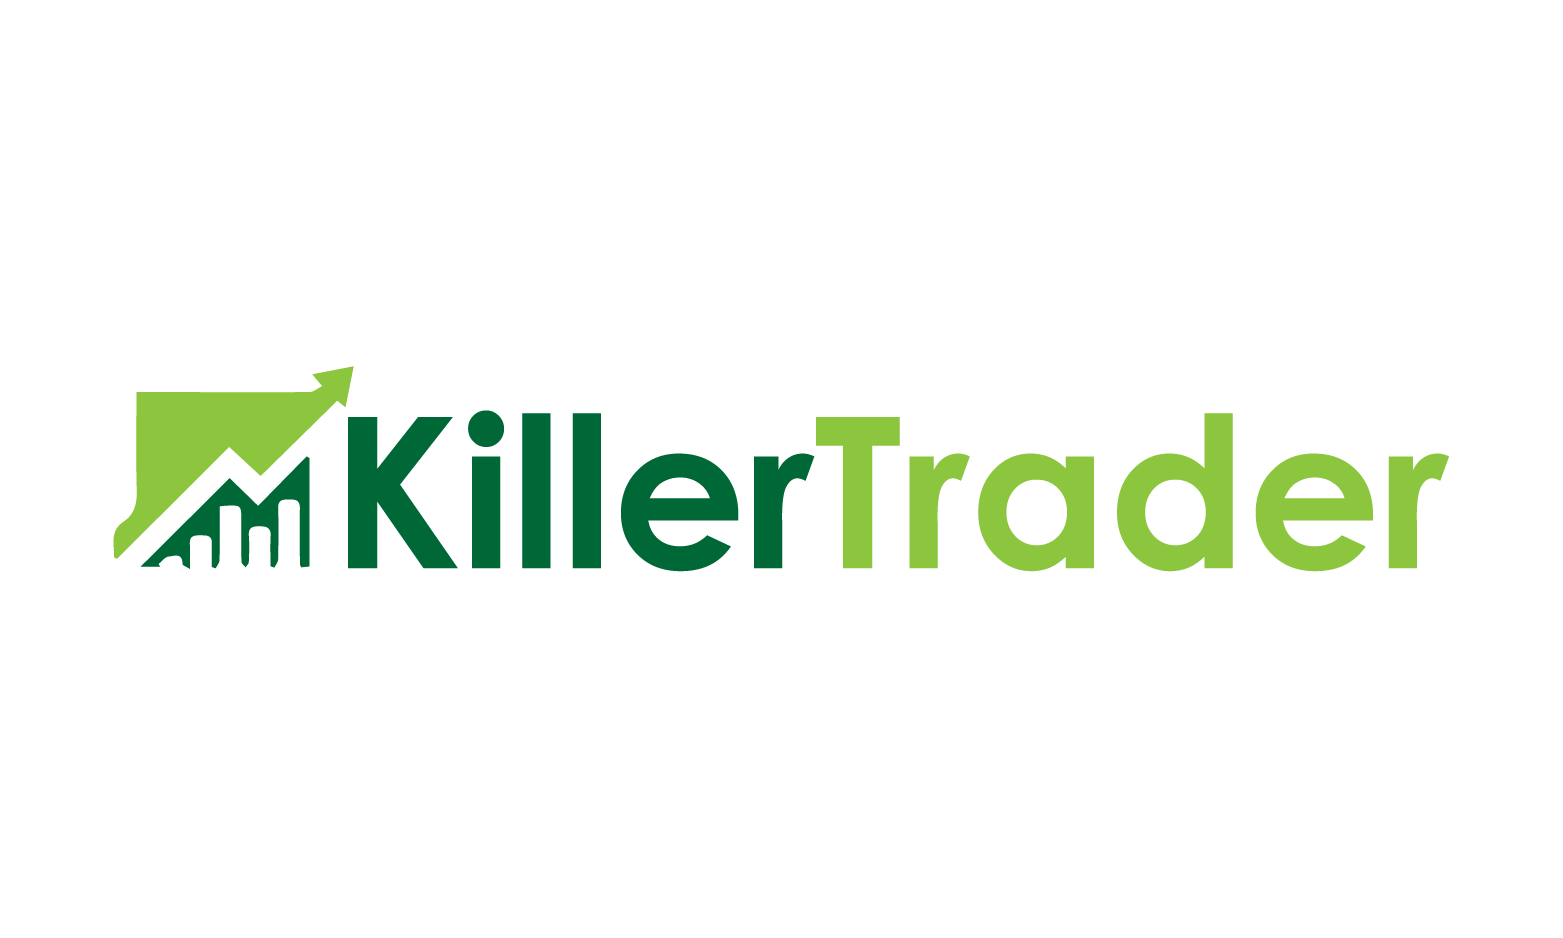 killertrader.com